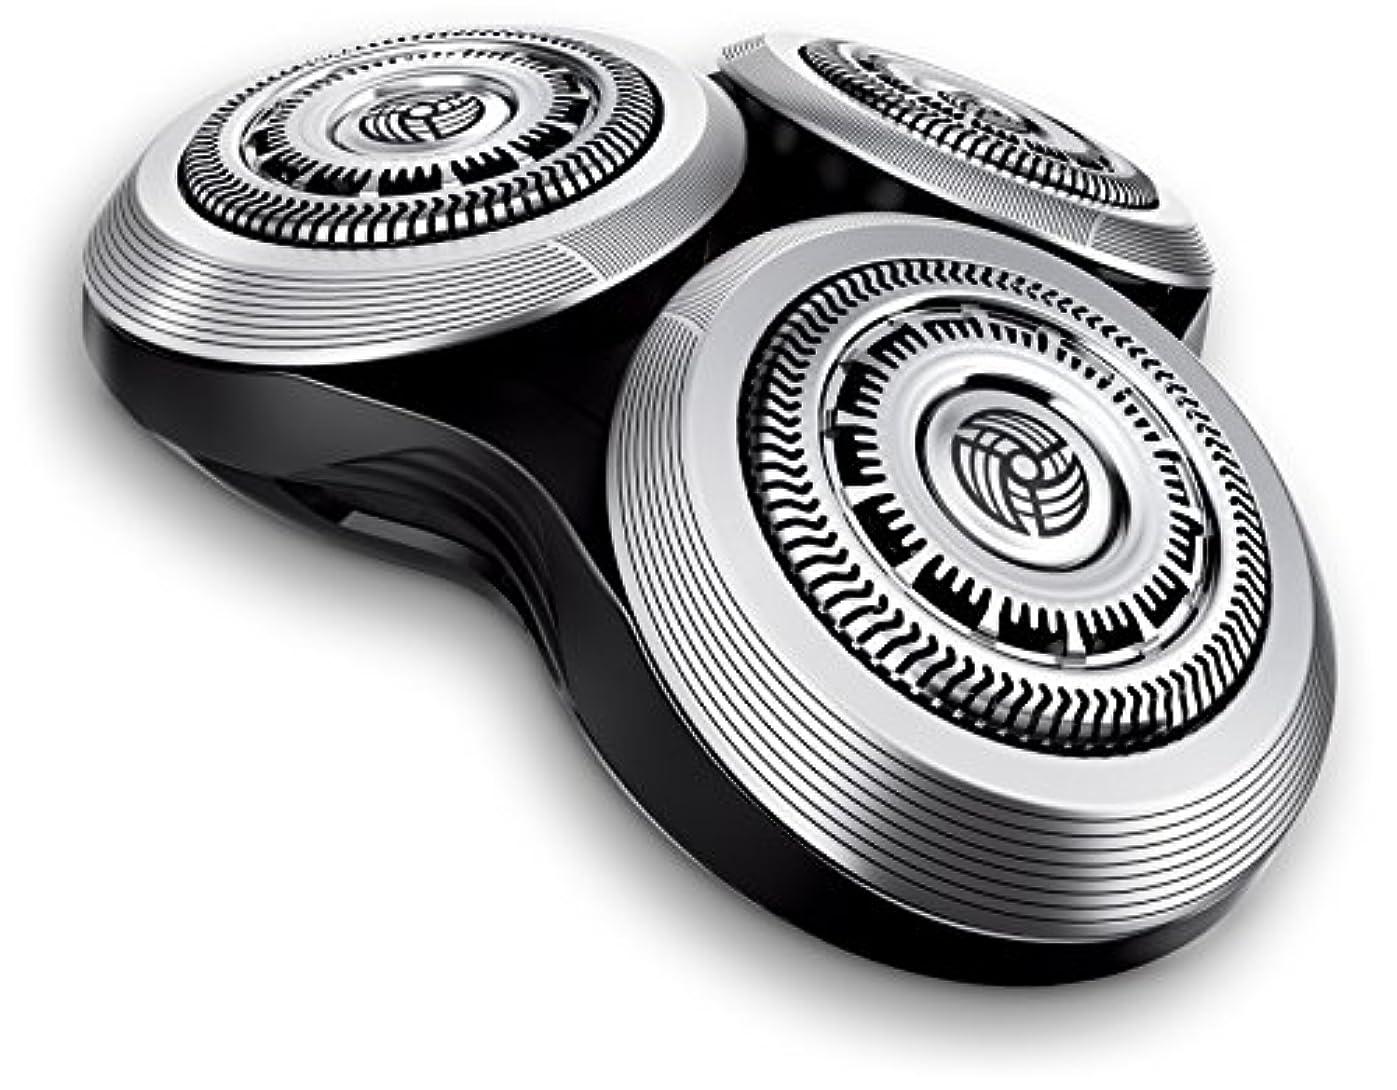 行商人柄ワンダー(正規品)フィリップス アーキテック?センソタッチ3Dシリーズ用替刃 RQ12/61